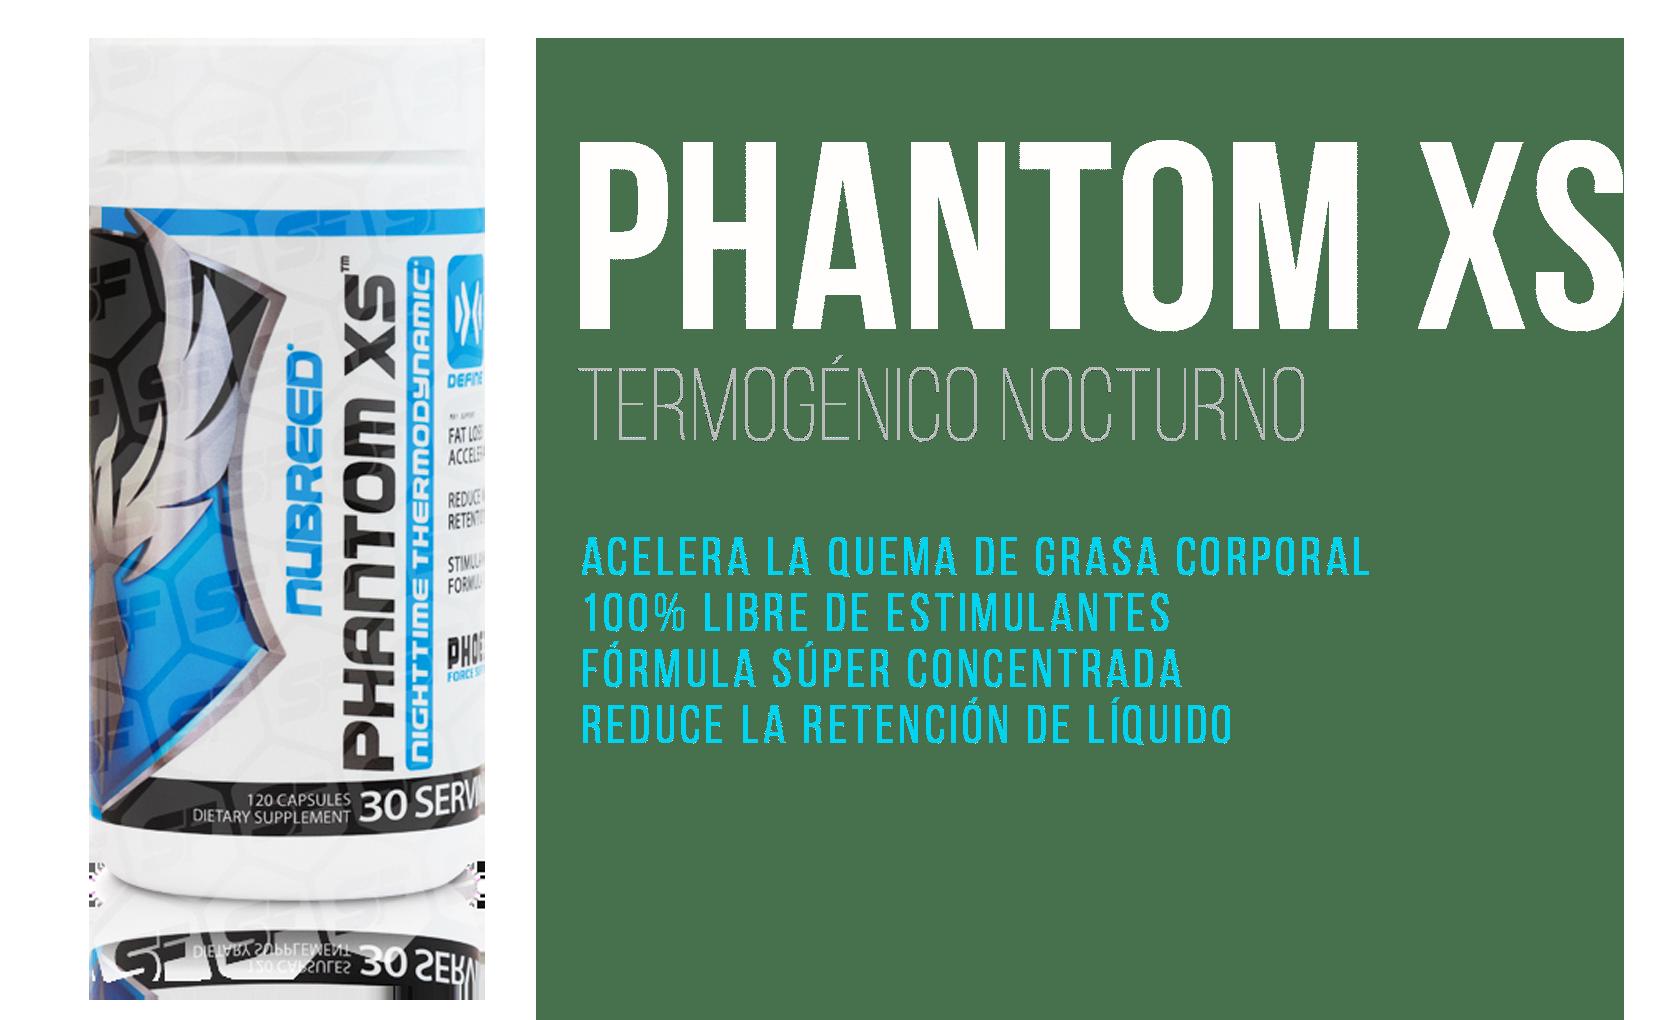 Resultado de imagen para phantom xs